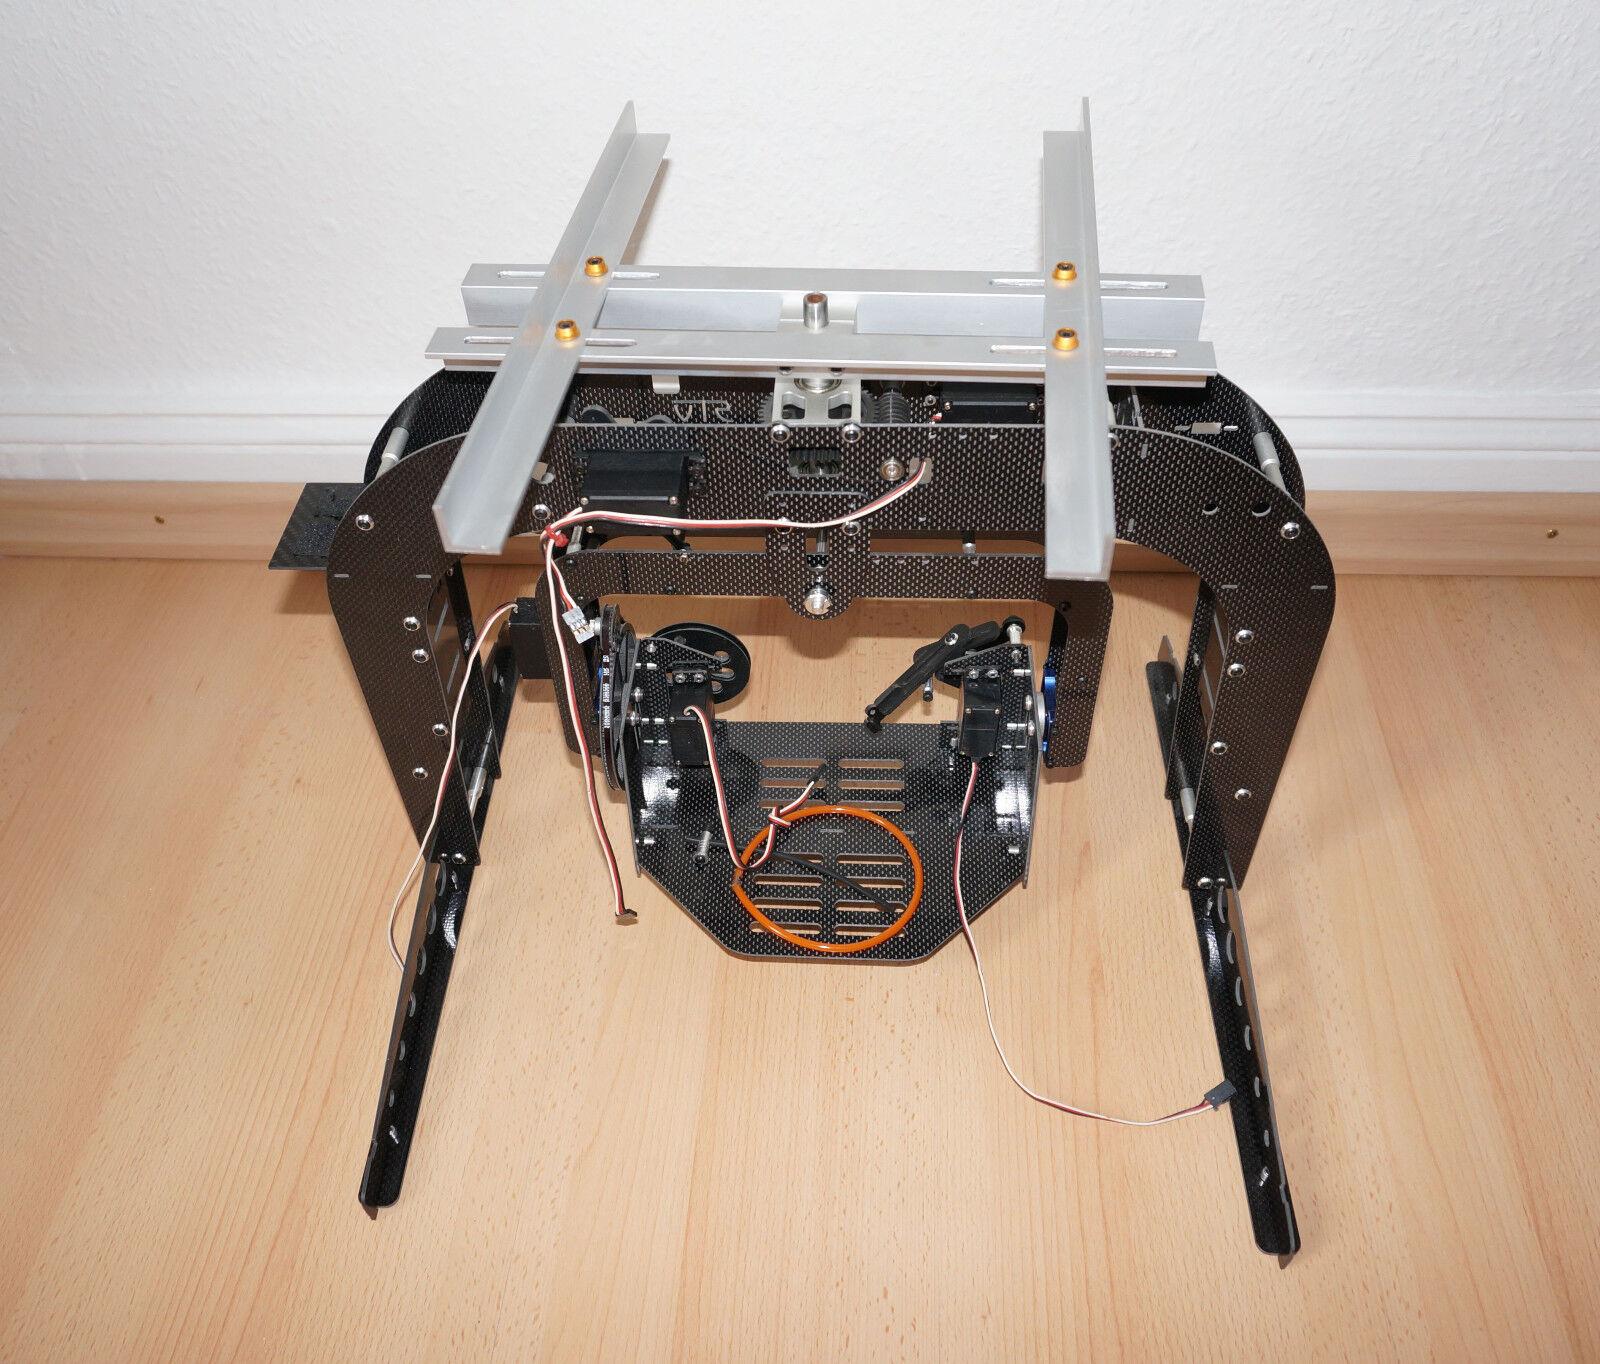 Profi Gimbal für Spiegelreflex-Kamera, DSLR .. für Drohnen, Heli